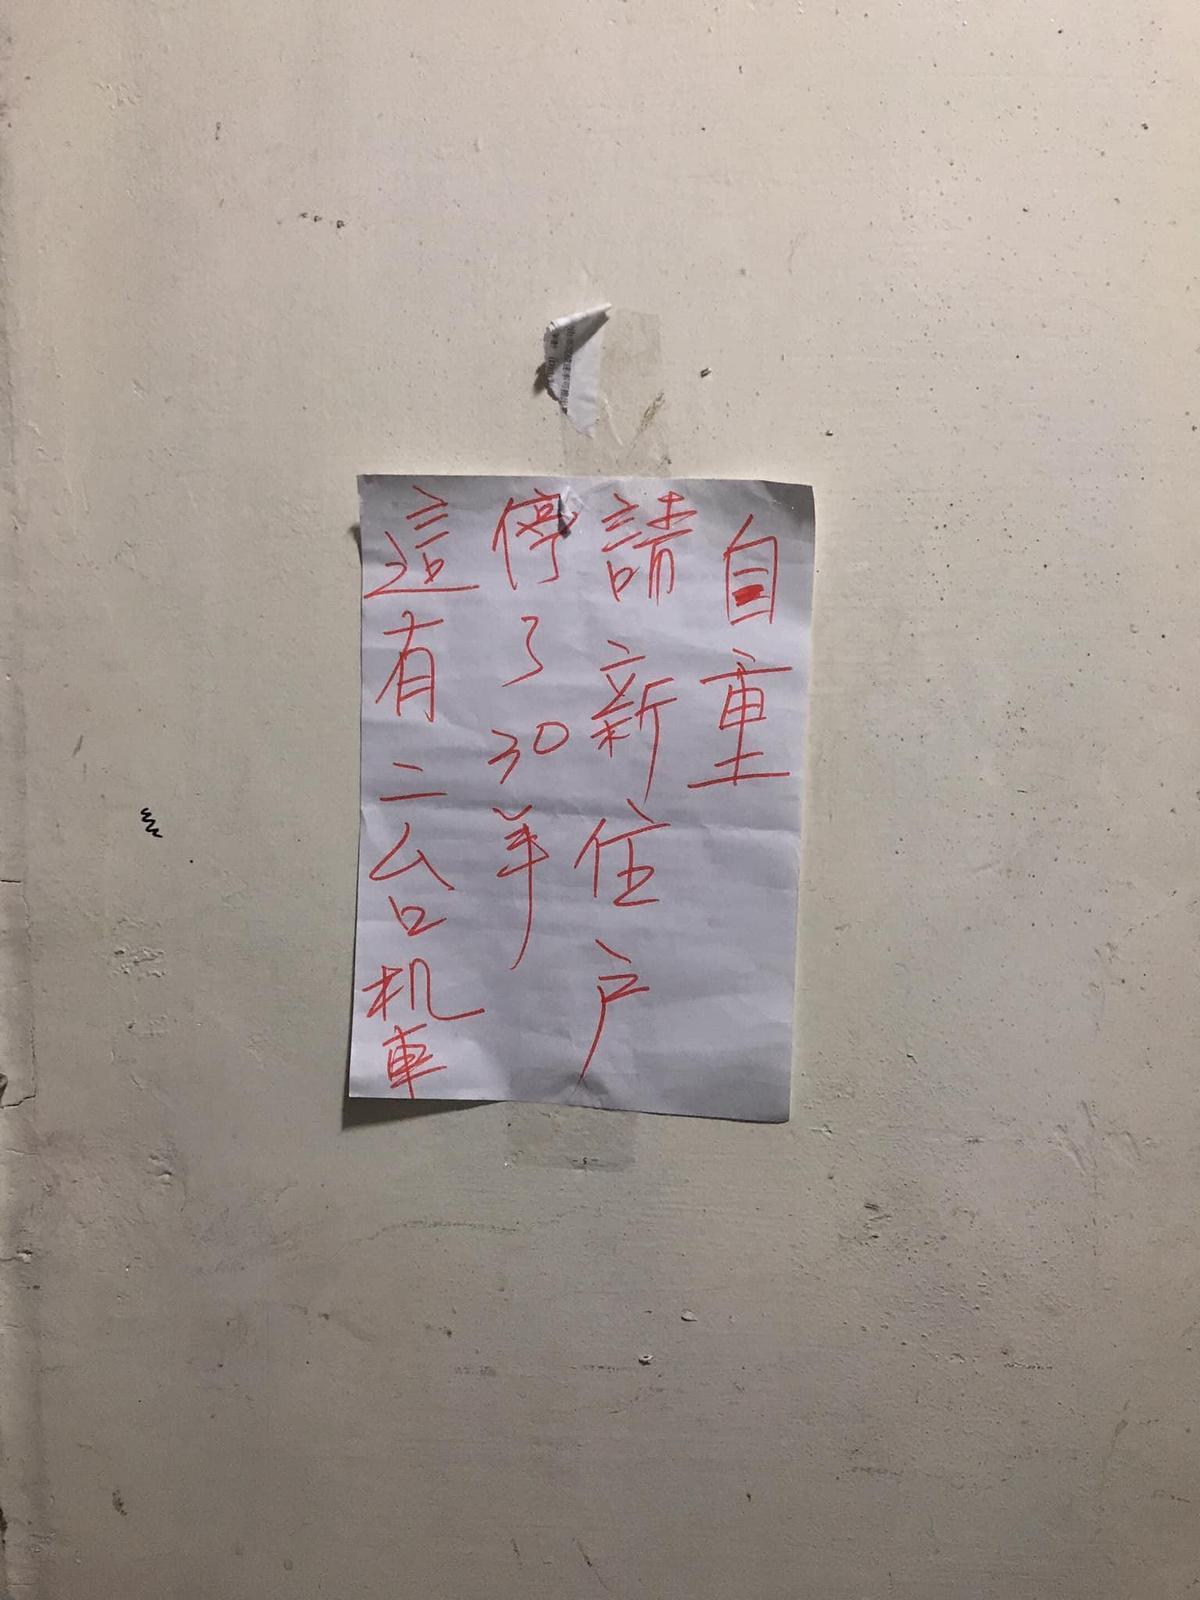 公寓老住戶在1樓貼公告寫著「這有二台機車停了30年,請新住戶自重」,讓原PO超級無言。(翻攝自爆怨2公社)